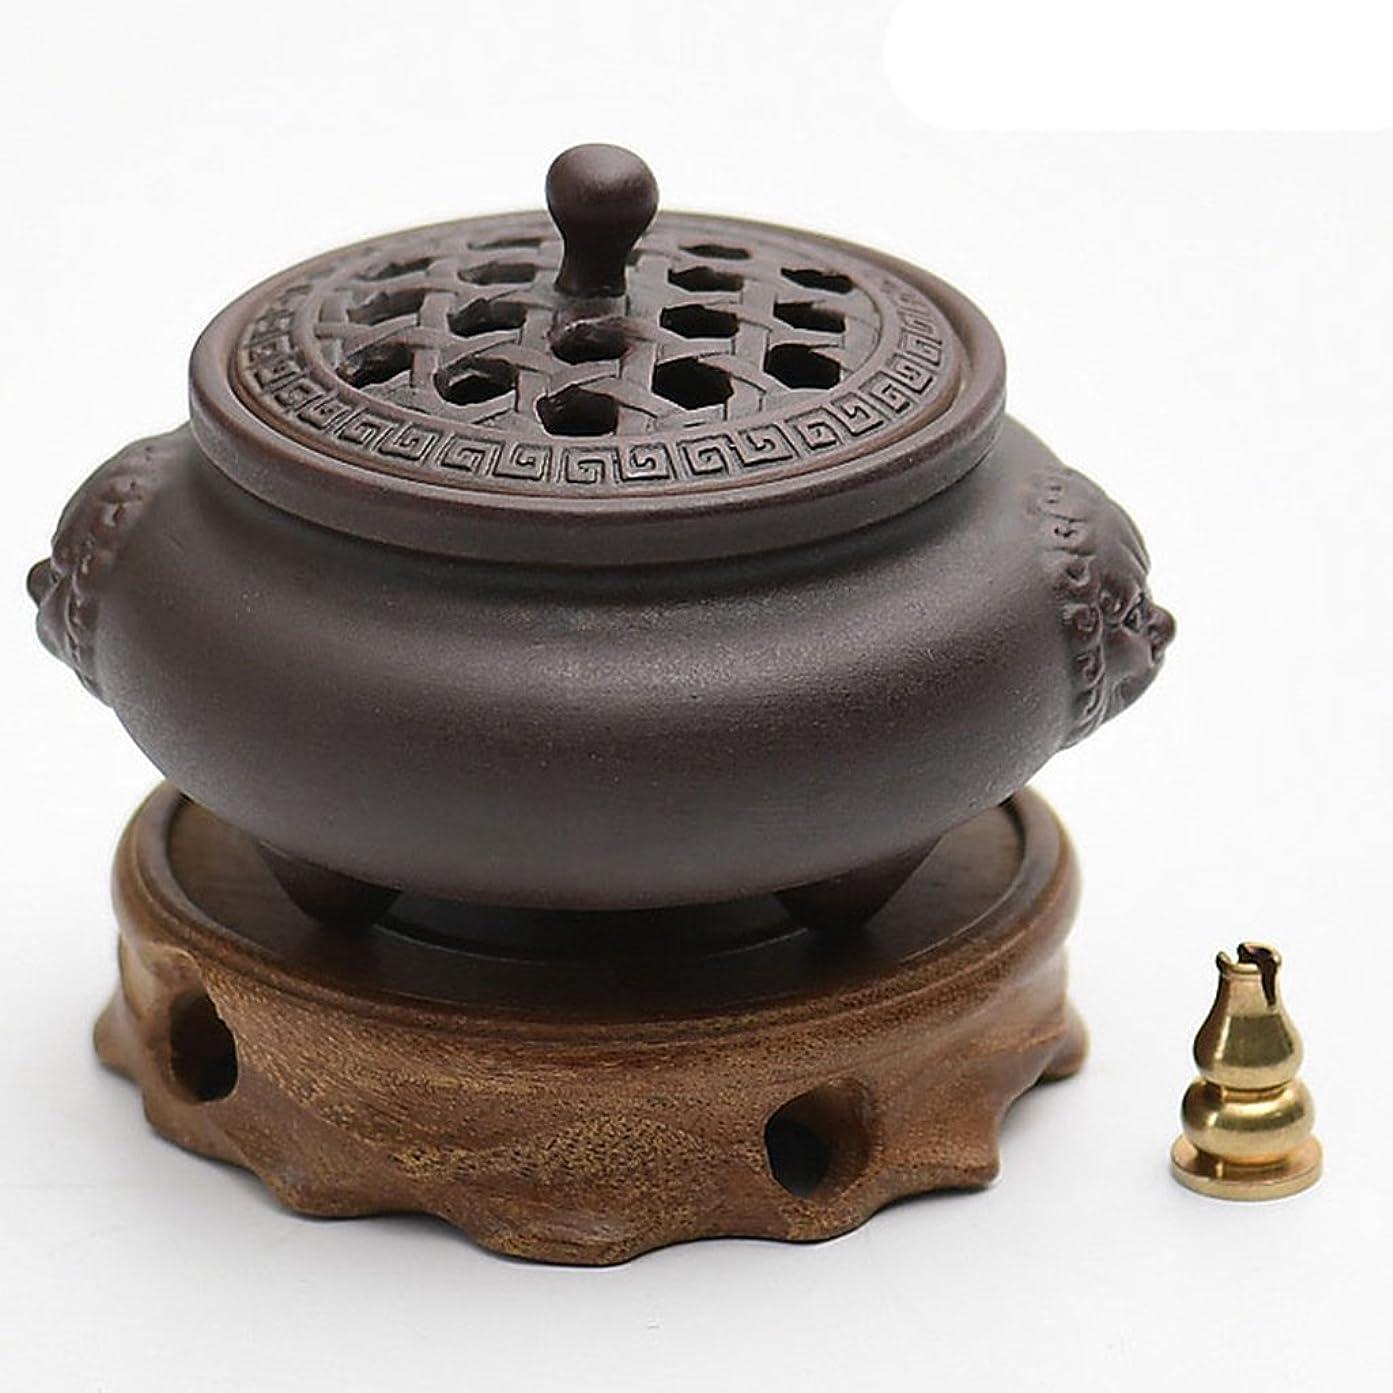 二週間維持絶妙(ラシューバー) Lasuiveur 香炉 線香立て 香立て 職人さんの手作り 茶道用品 おしゃれ  木製 透かし彫り